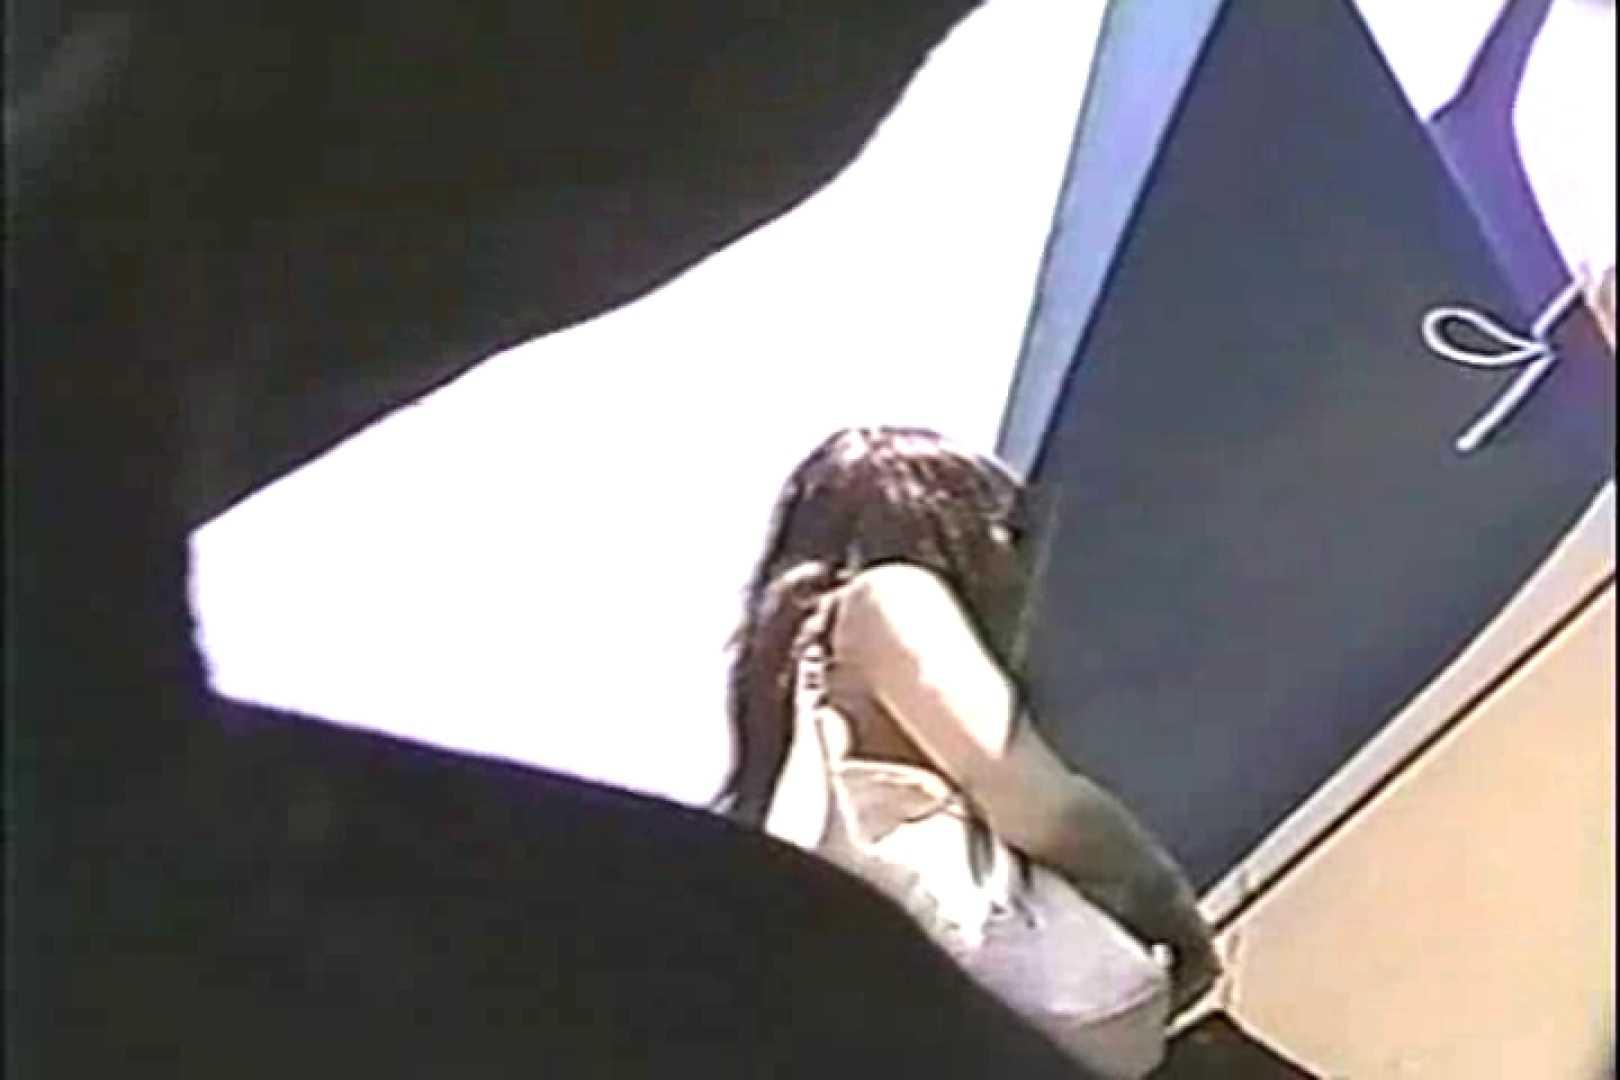 「ちくりん」さんのオリジナル未編集パンチラVol.3_01 レースクイーン   パンチラハメ撮り  40pic 37